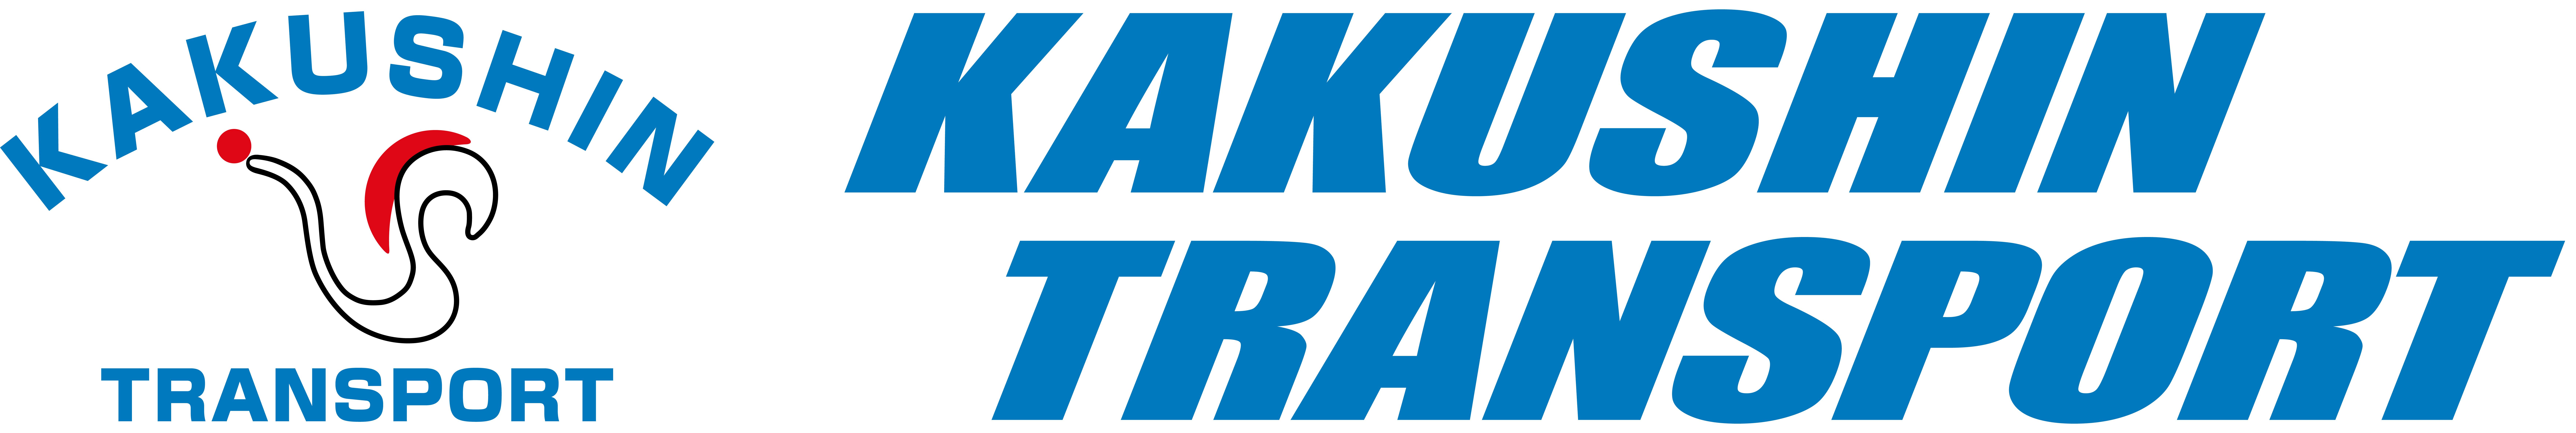 Kakushin Transport 鶴信運輸株式会社